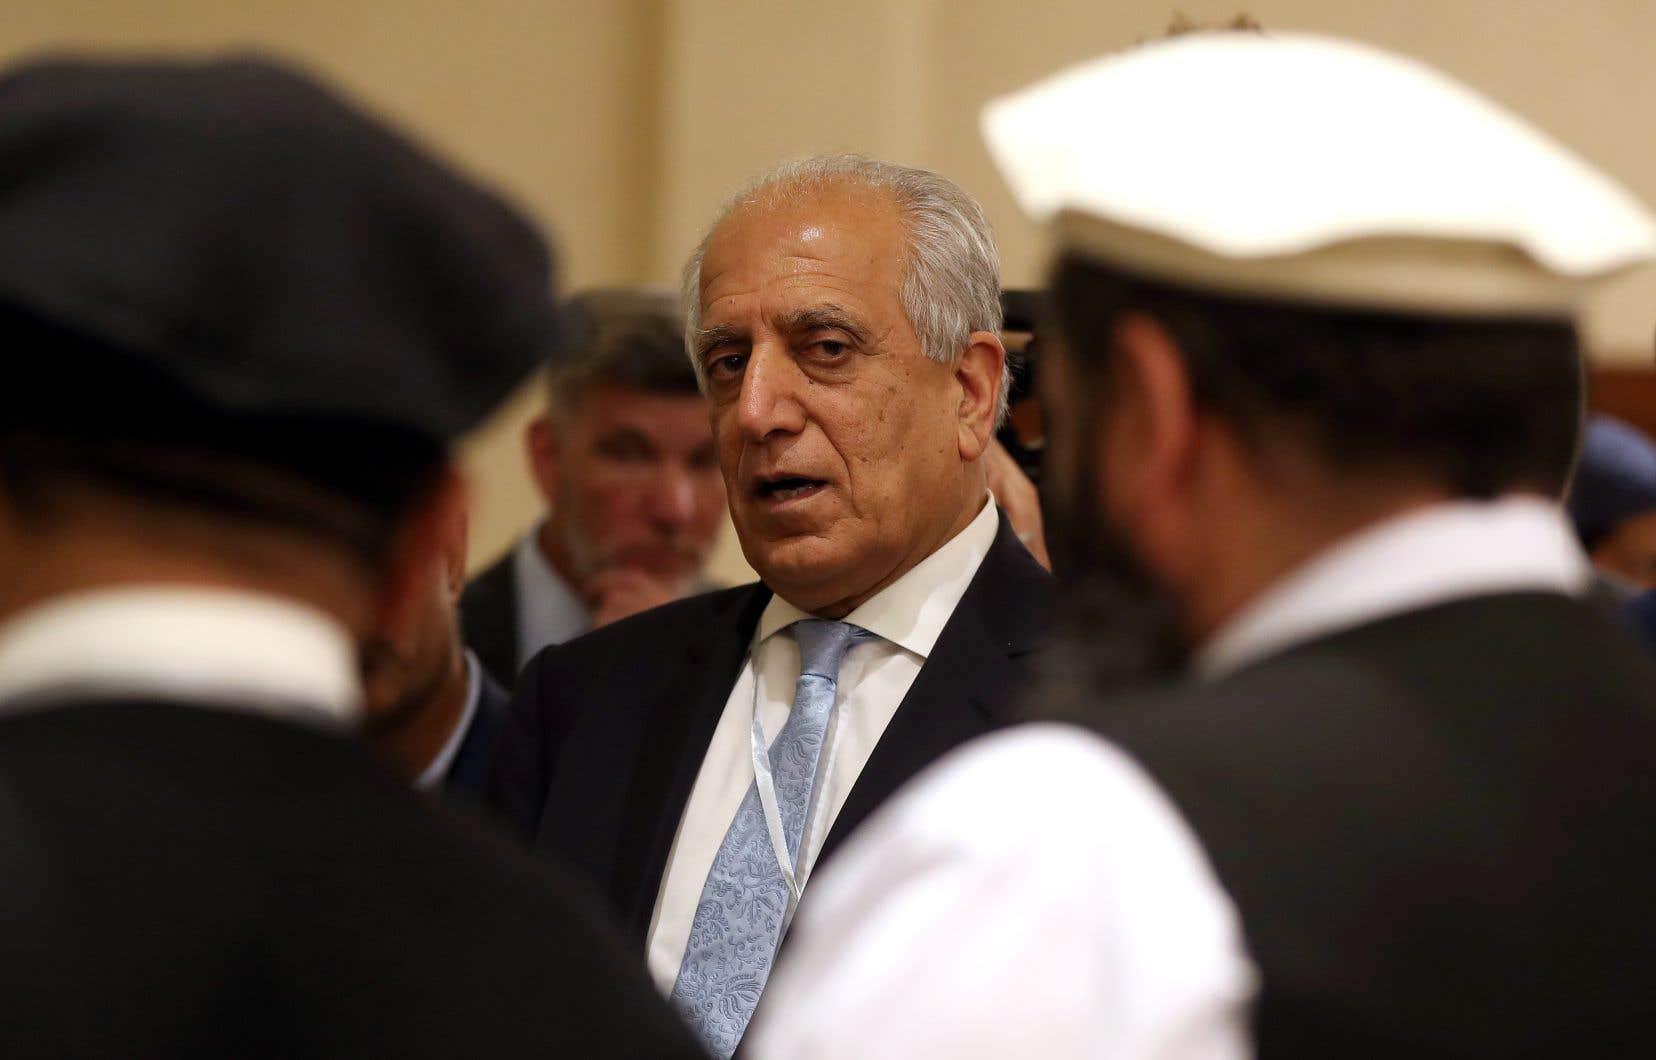 «Nous essaierons de conclure» les pourparlers «sur les sujets qui restent» à résoudre pour boucler un accord, a déclaré le principal négociateur américain, Zalmay Khalilzad.